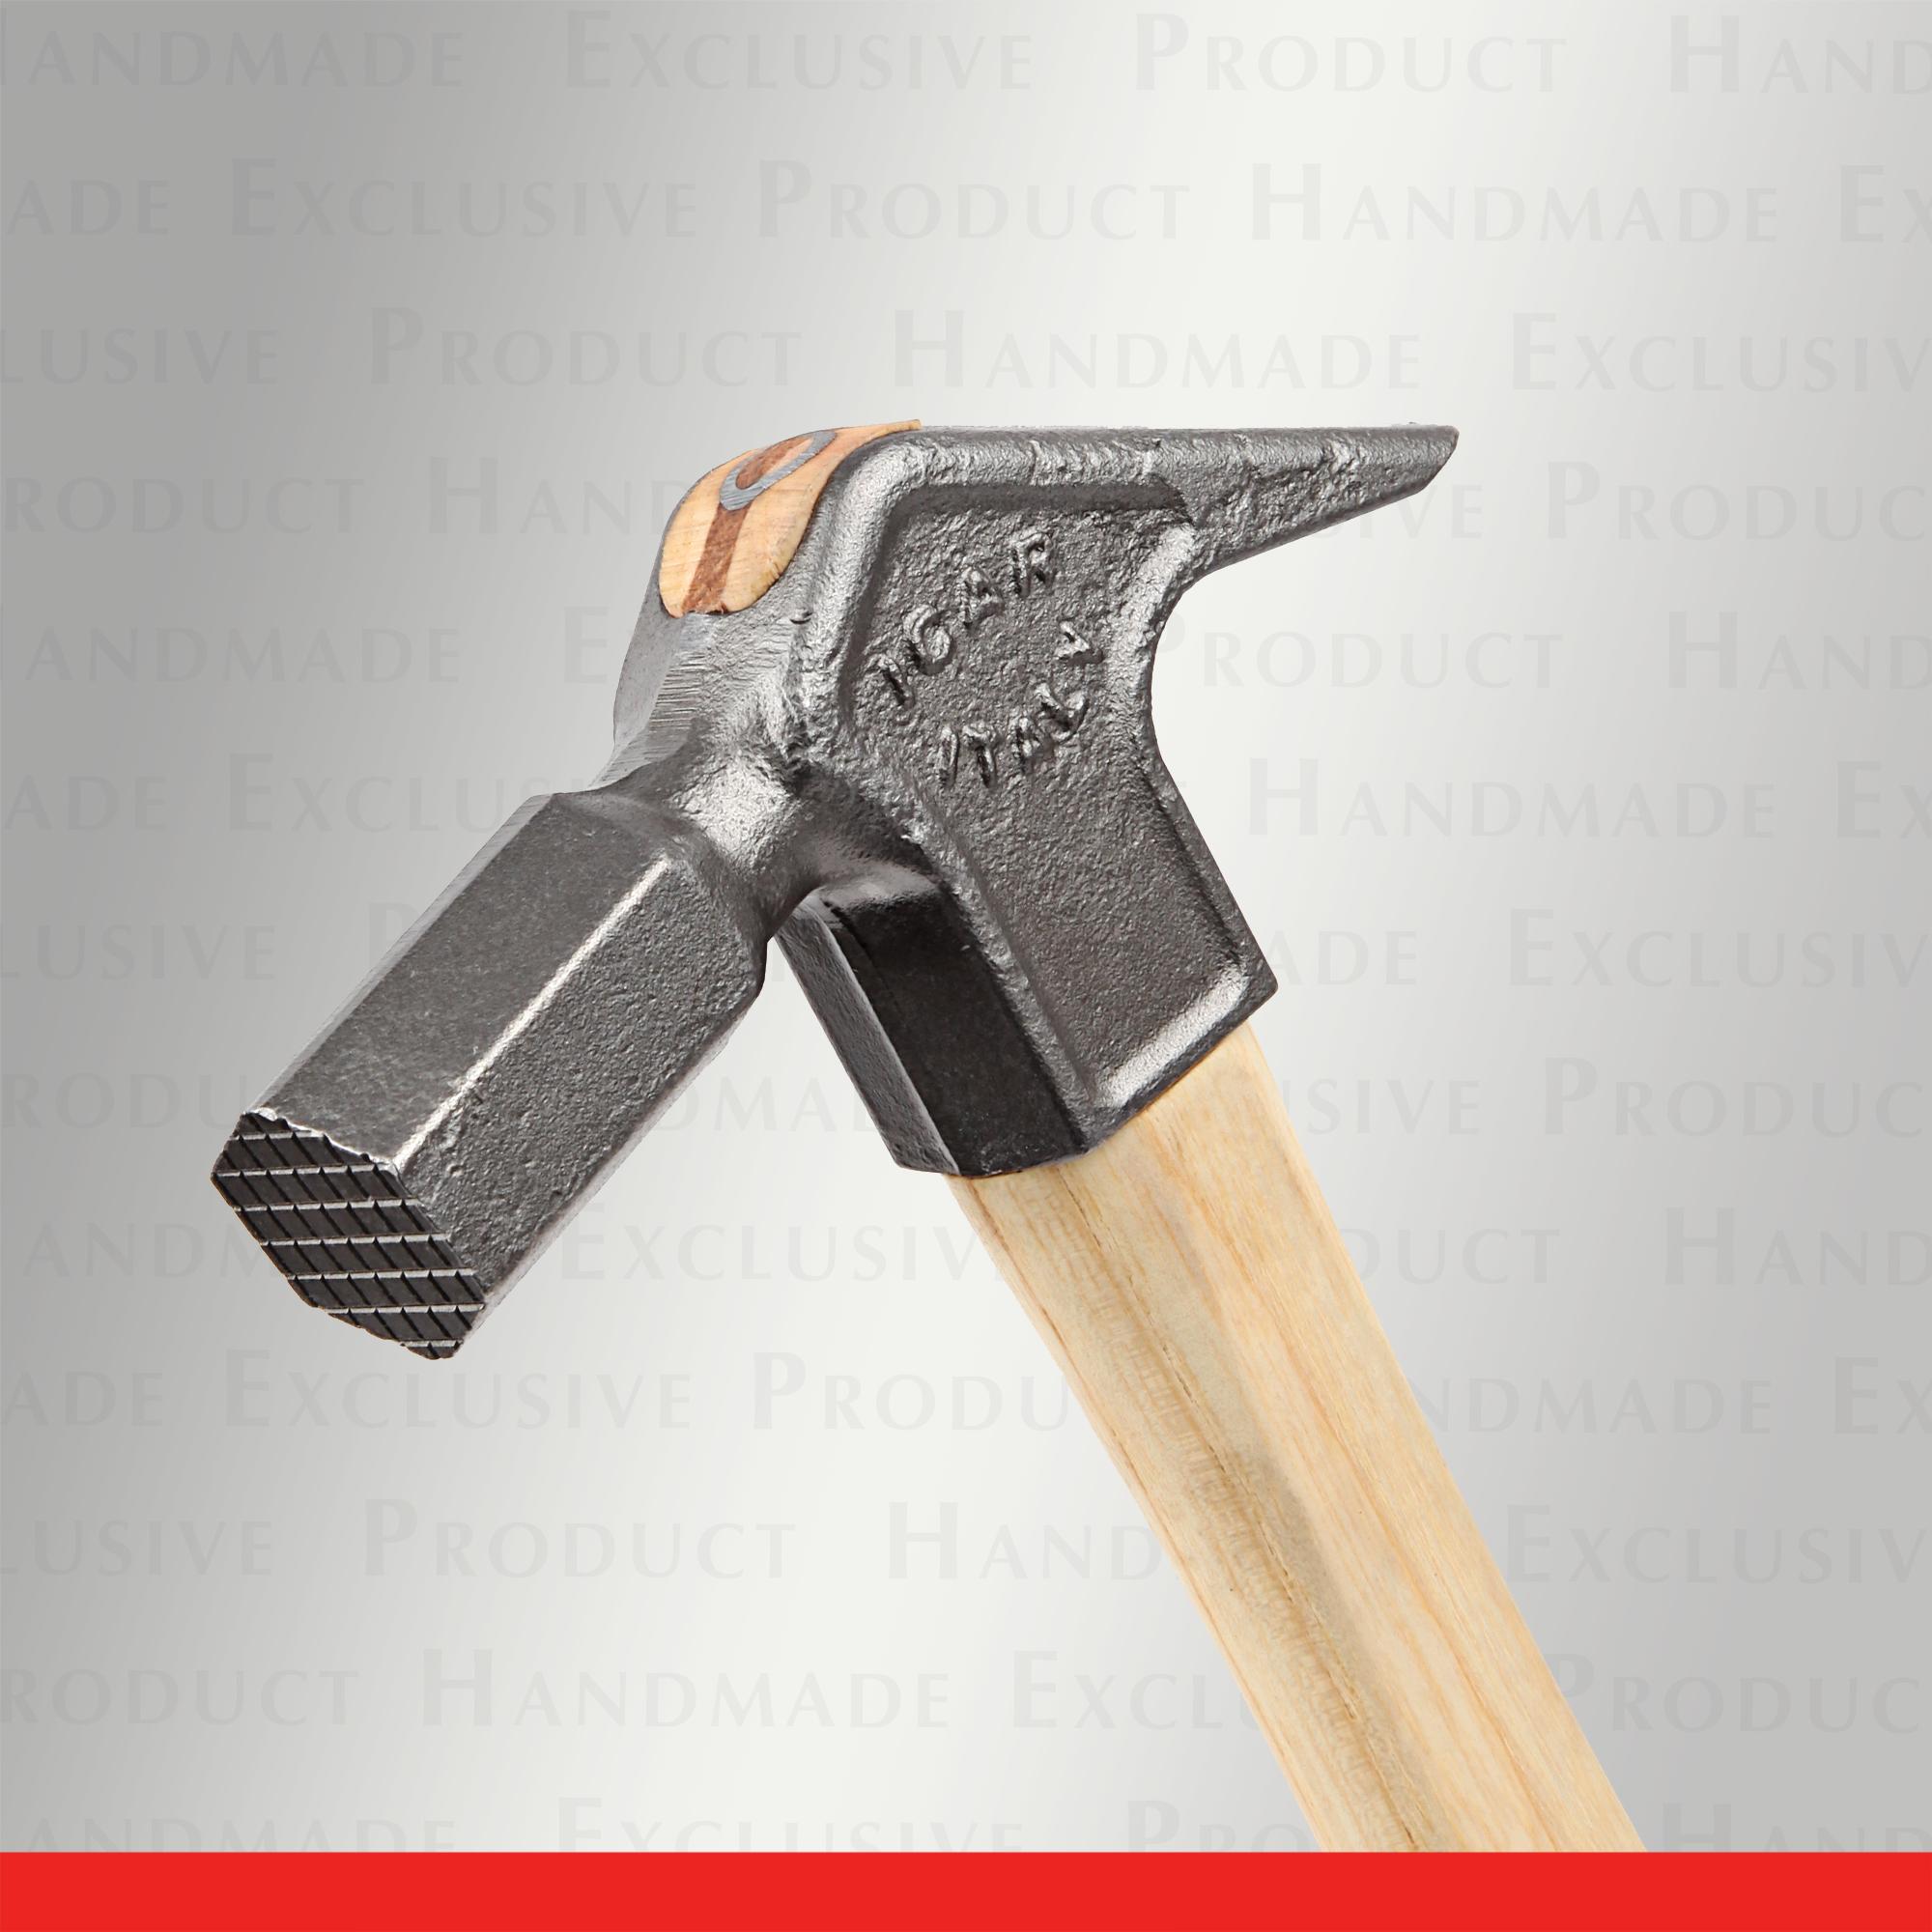 ICAR Nailing Hammer